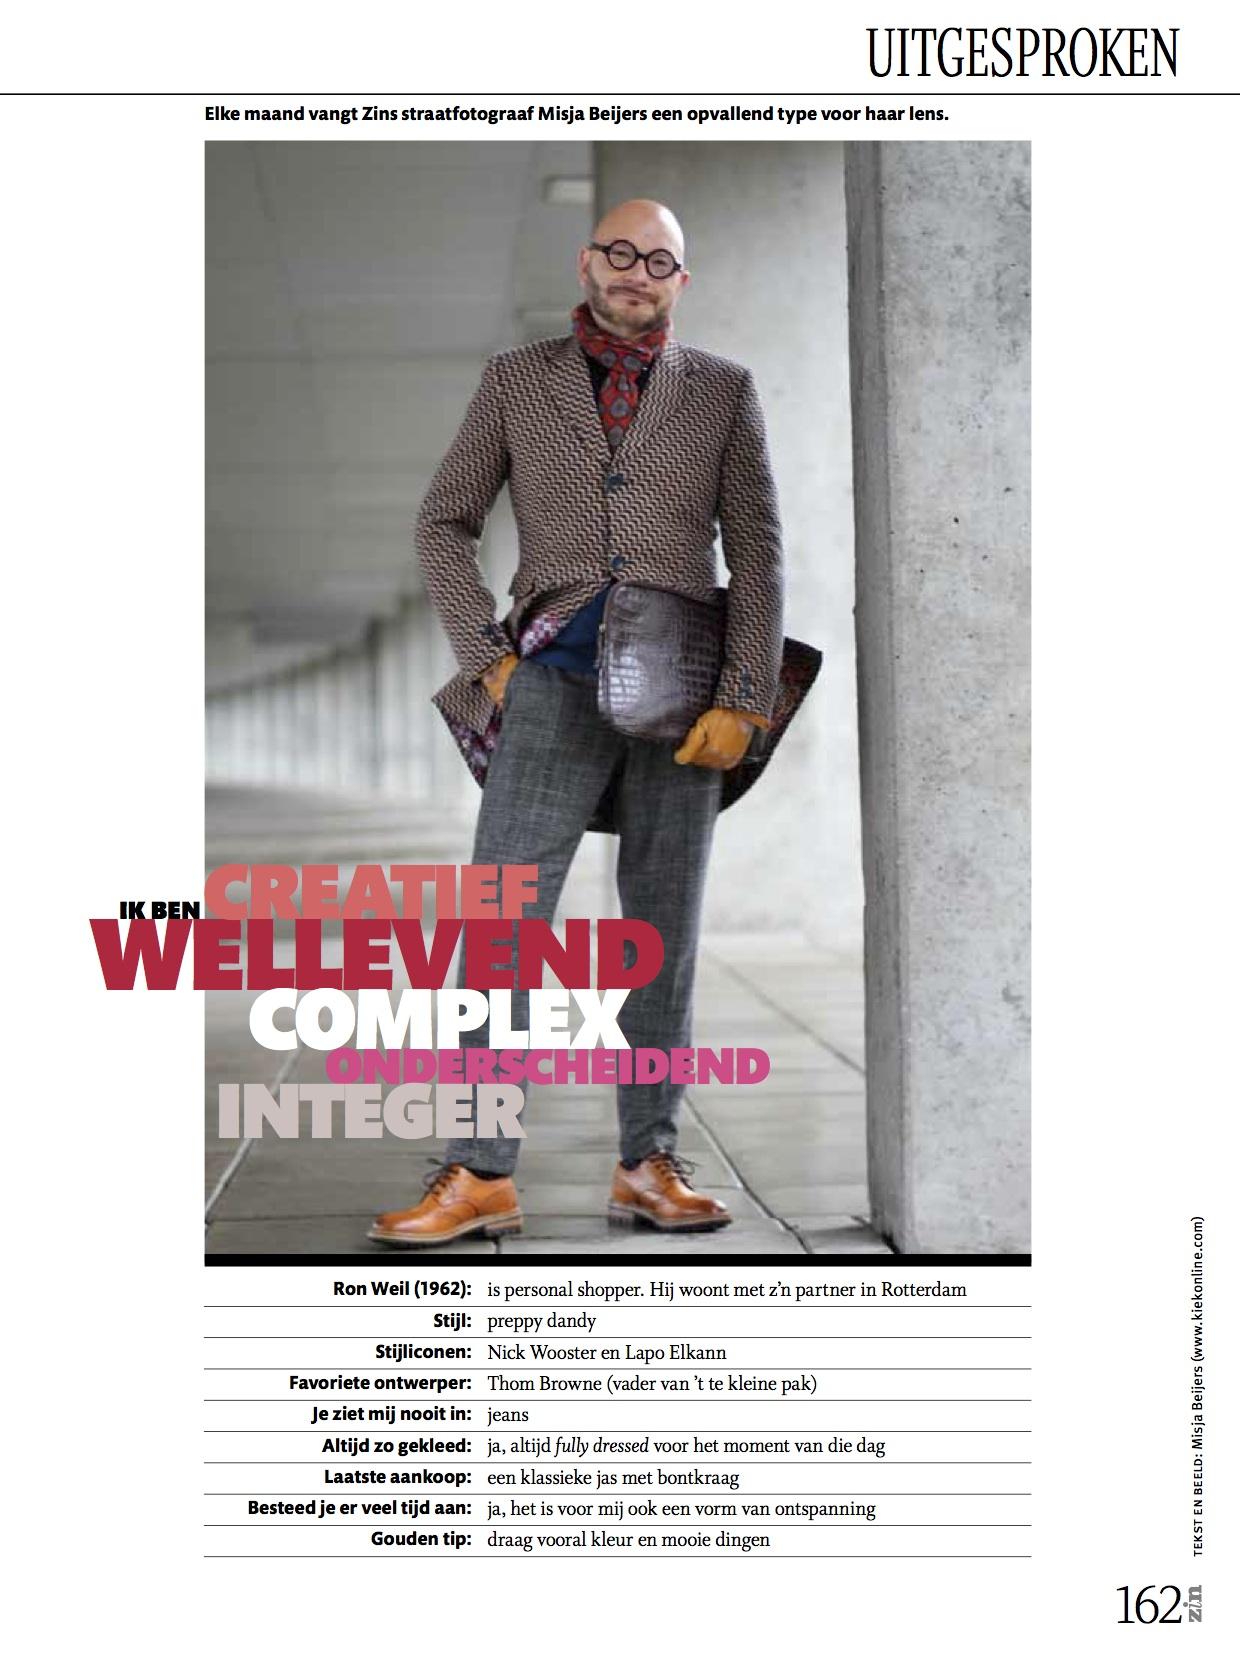 In Zin magazine: elke maand een uitgesproken type